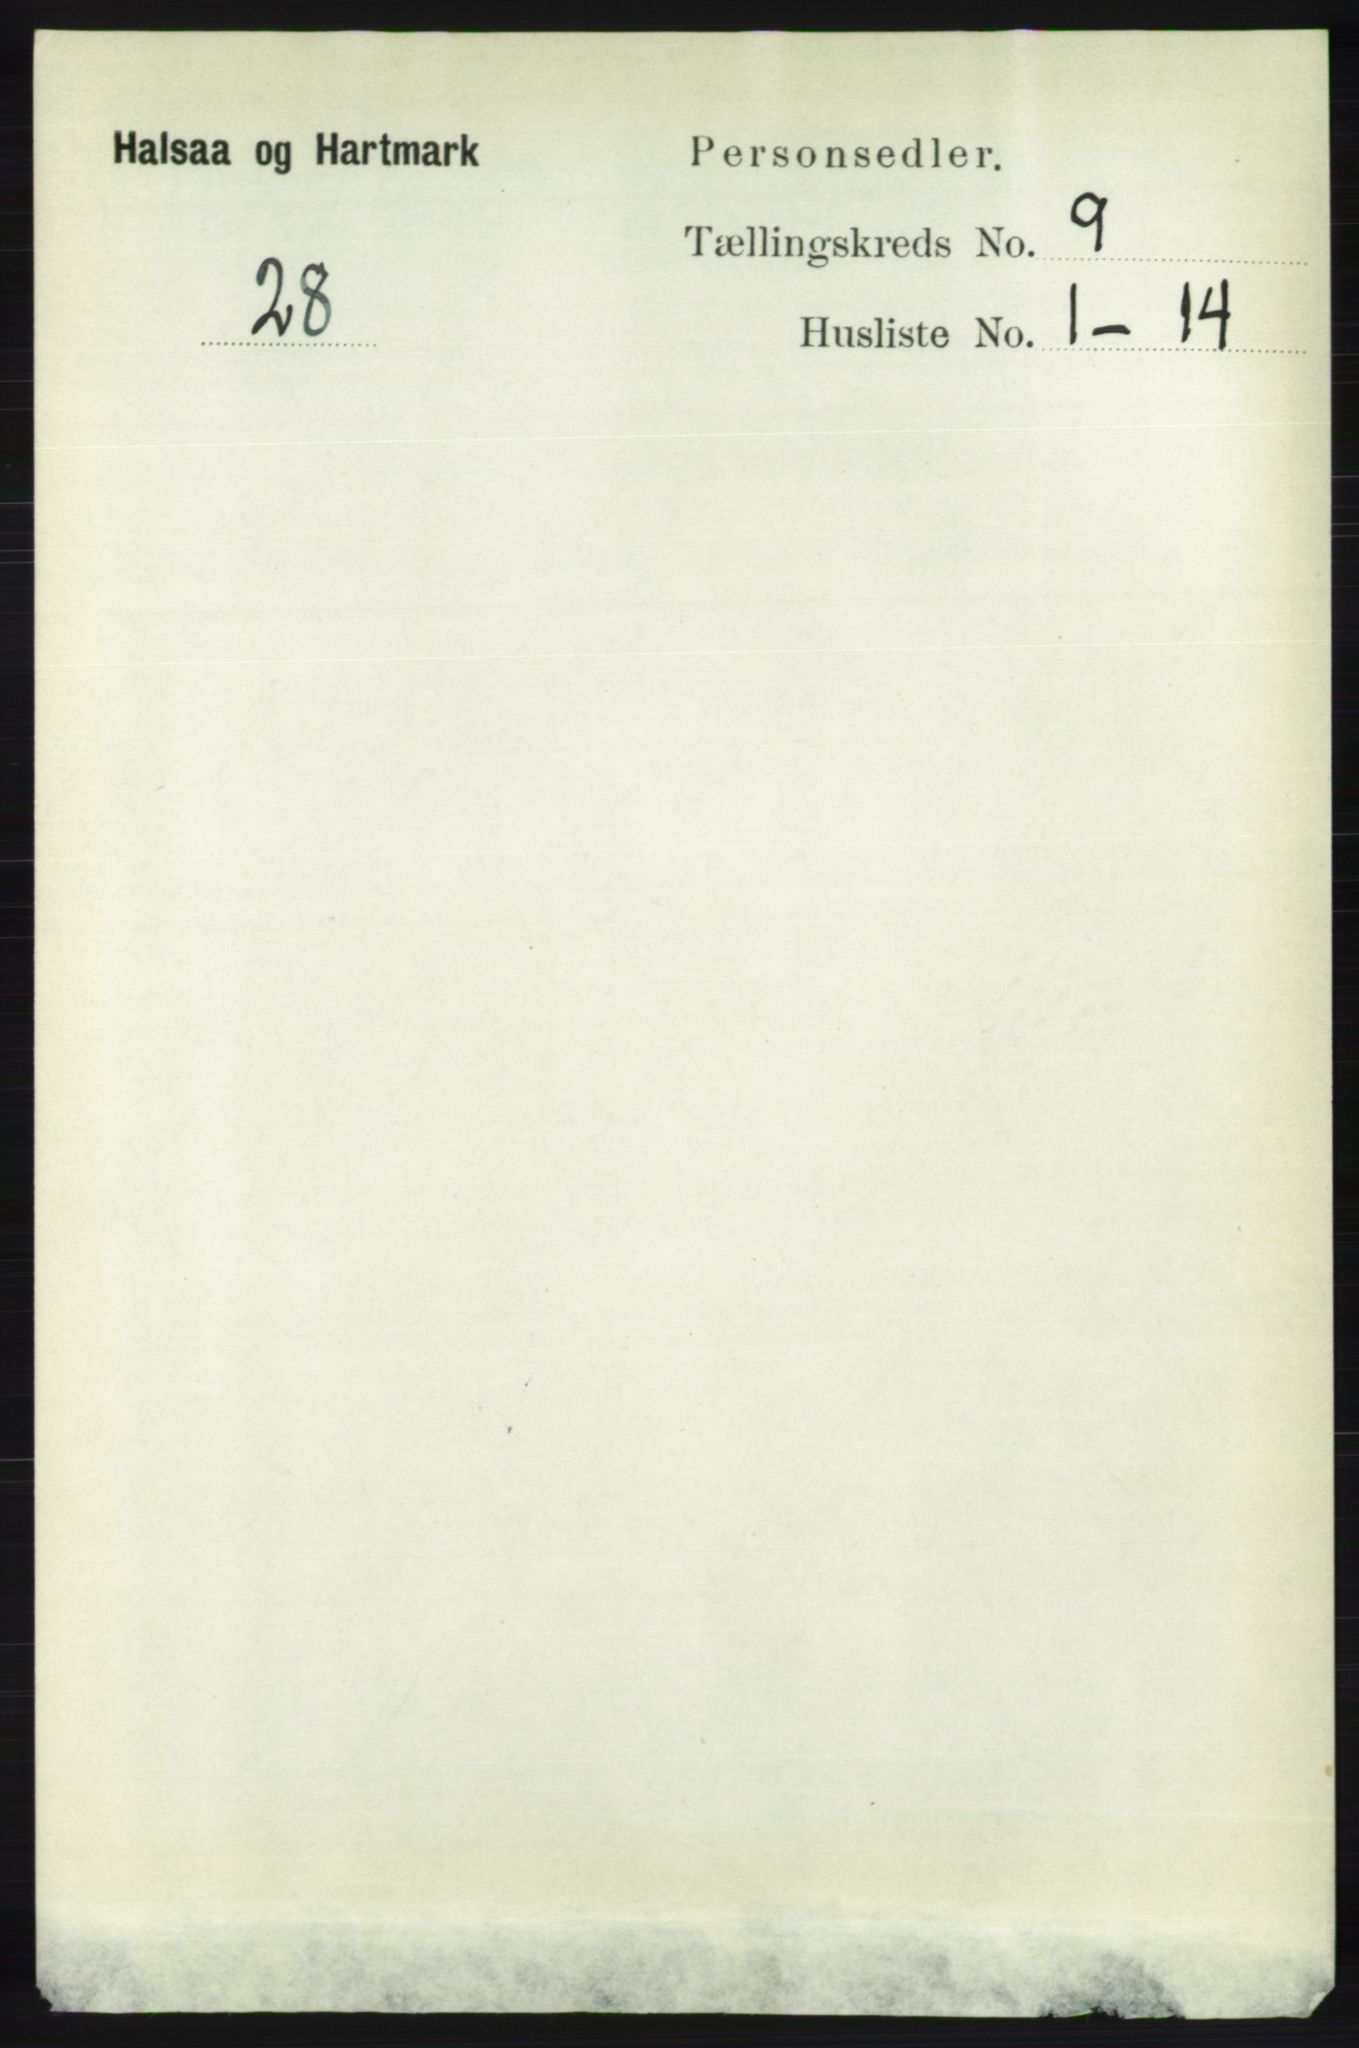 RA, Folketelling 1891 for 1019 Halse og Harkmark herred, 1891, s. 3592